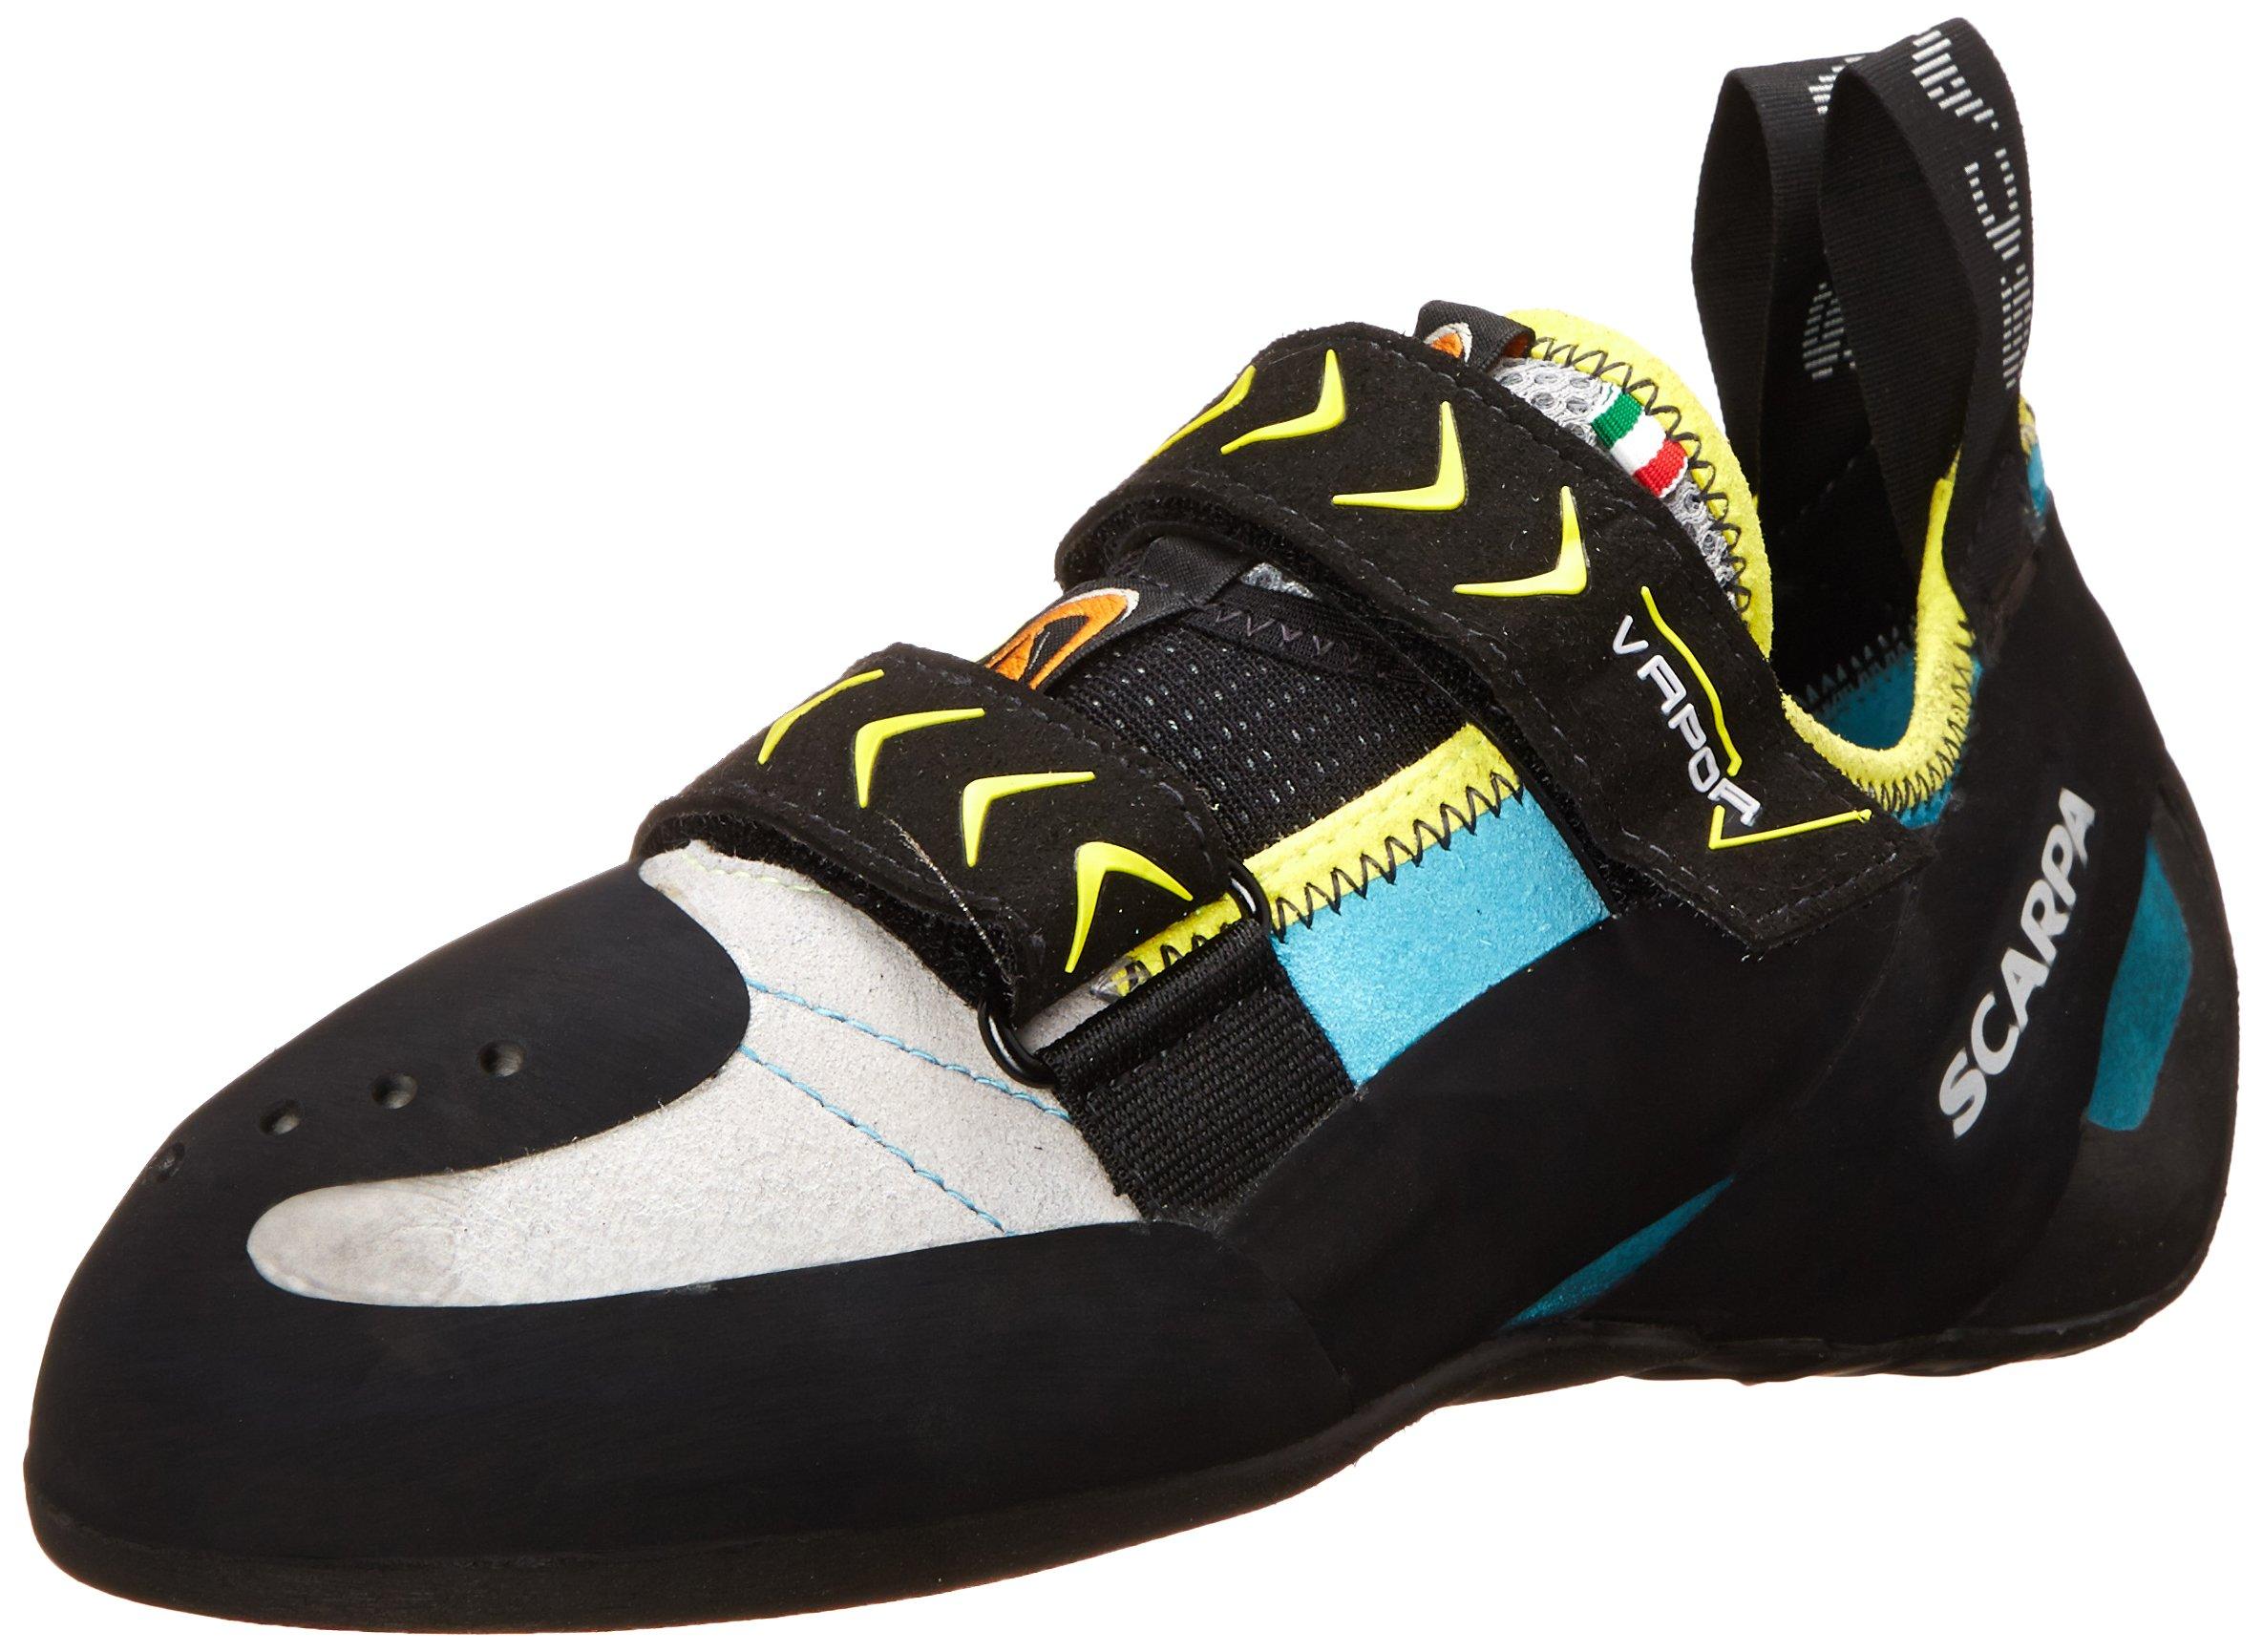 Scarpa Women's Vapor V Climbing Shoe, Turquoise, 38.5 EU/7 1/3 M US